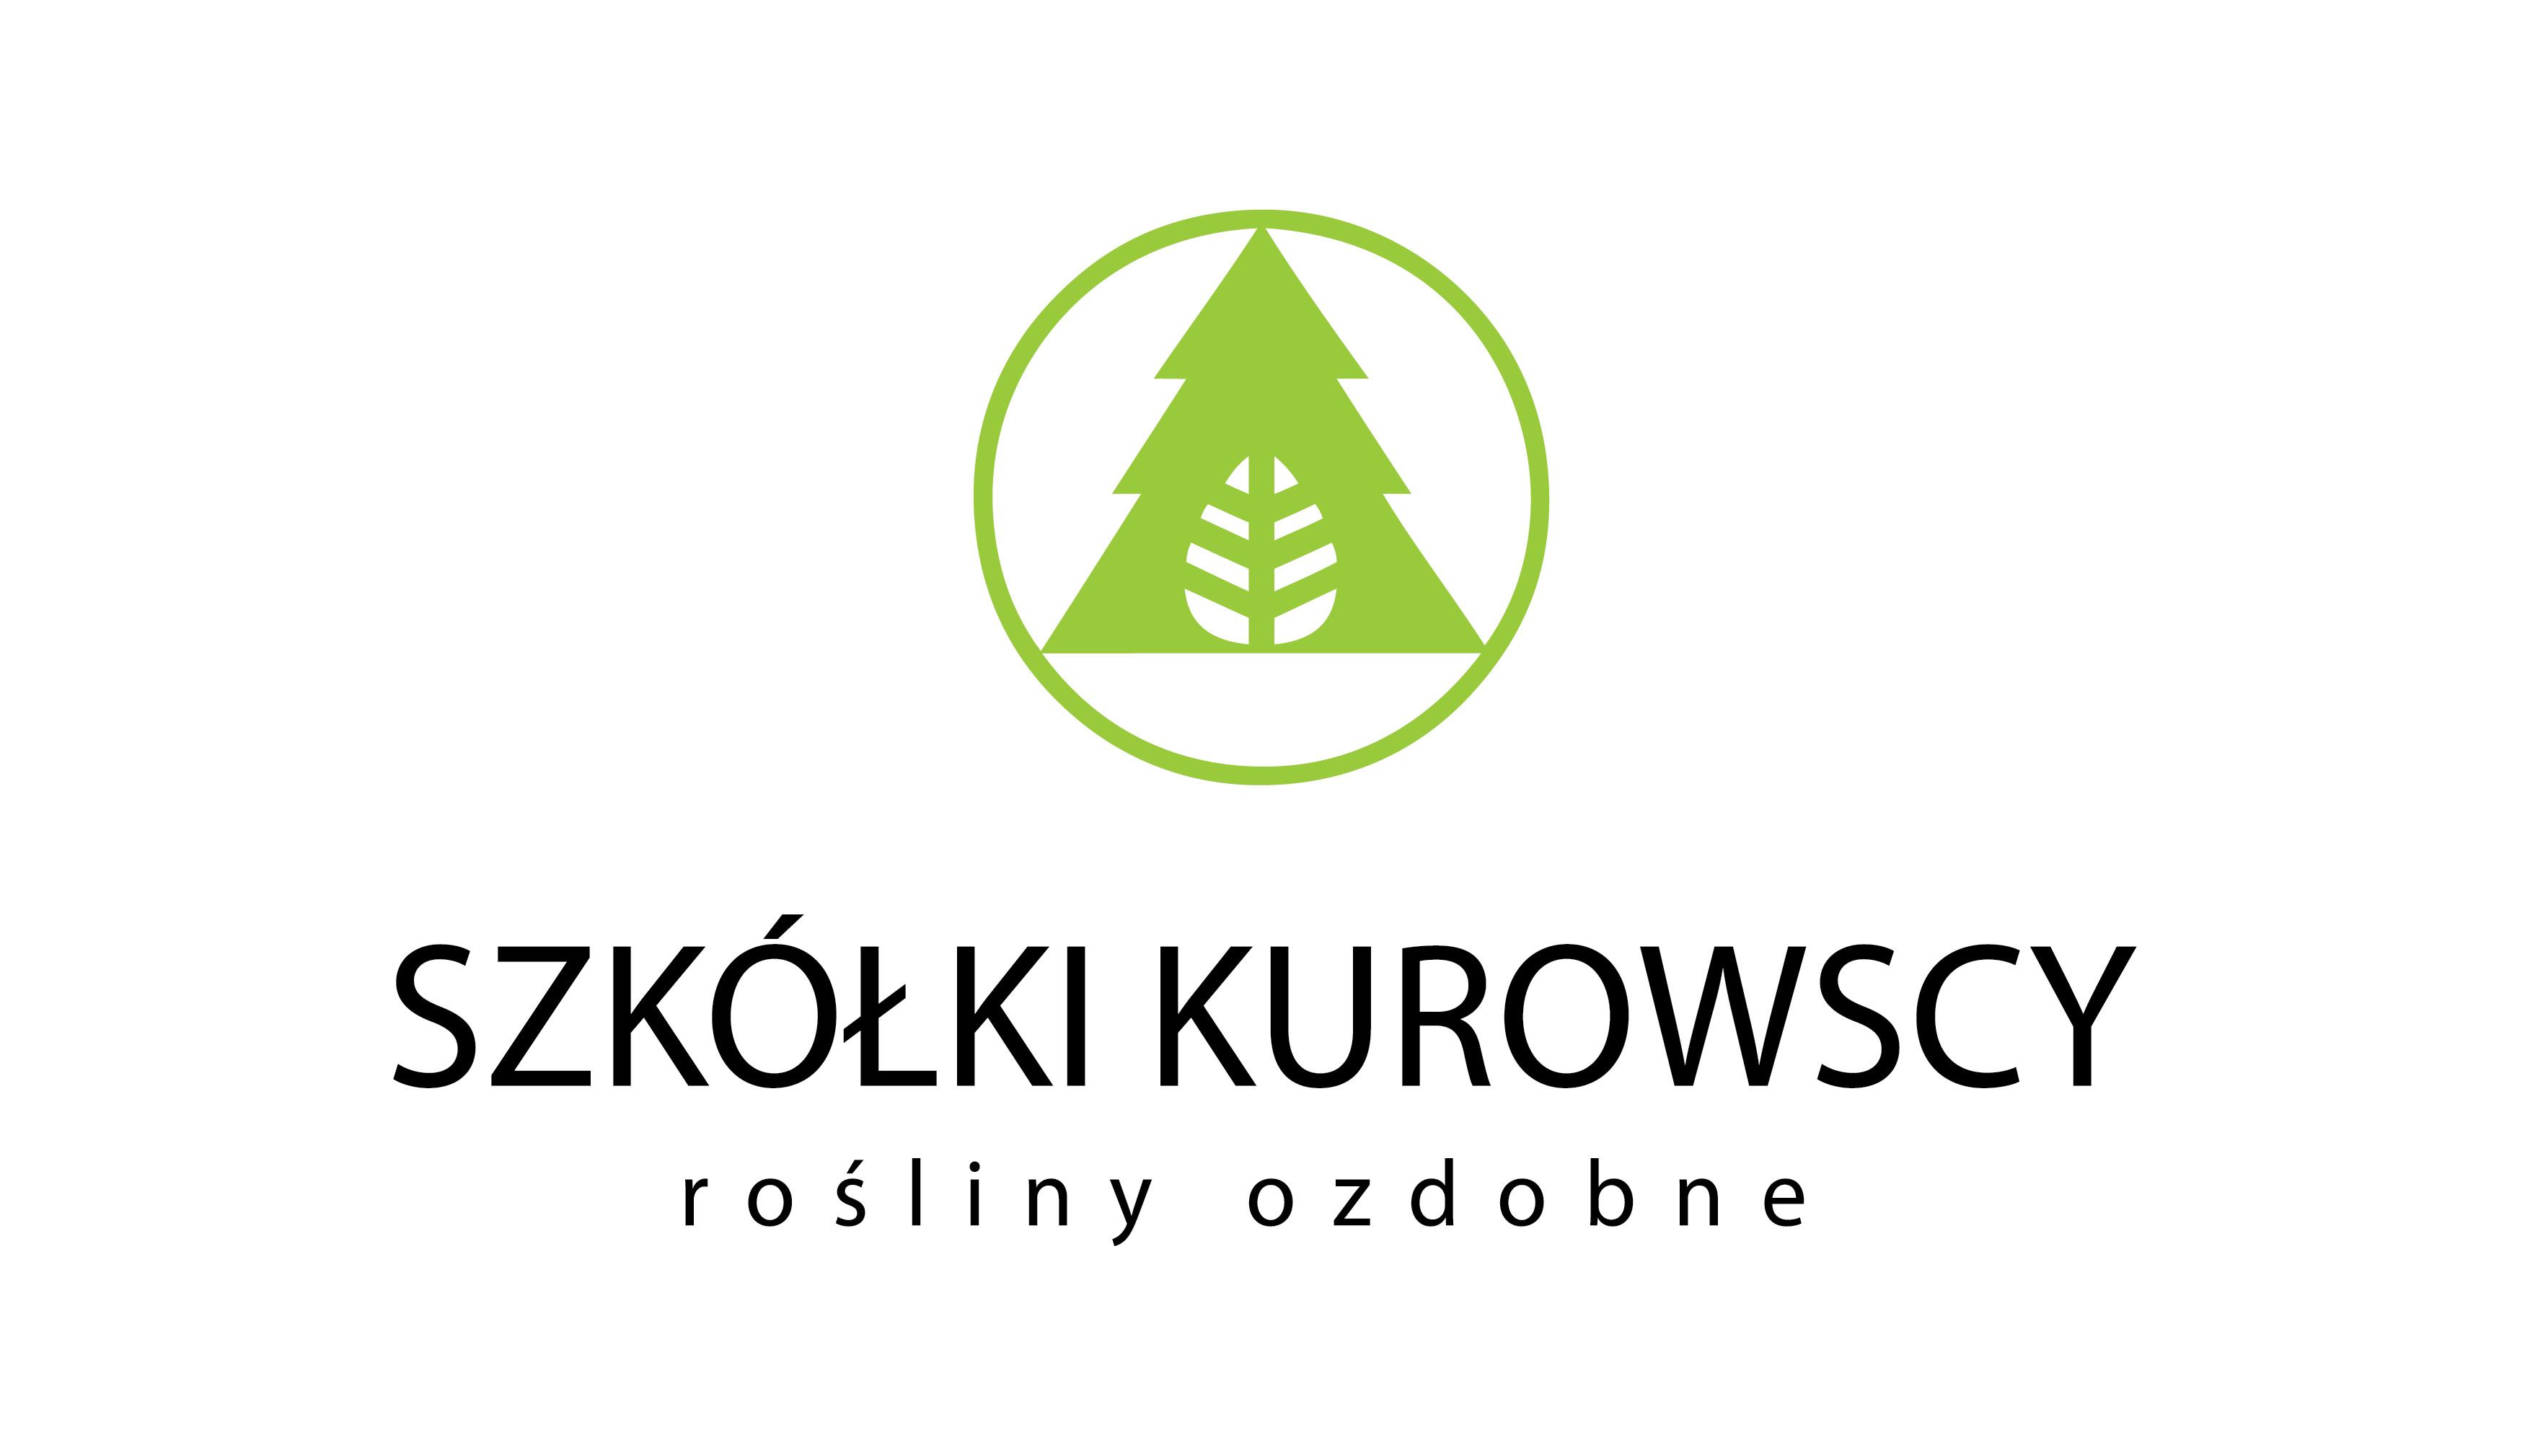 Kurowscy